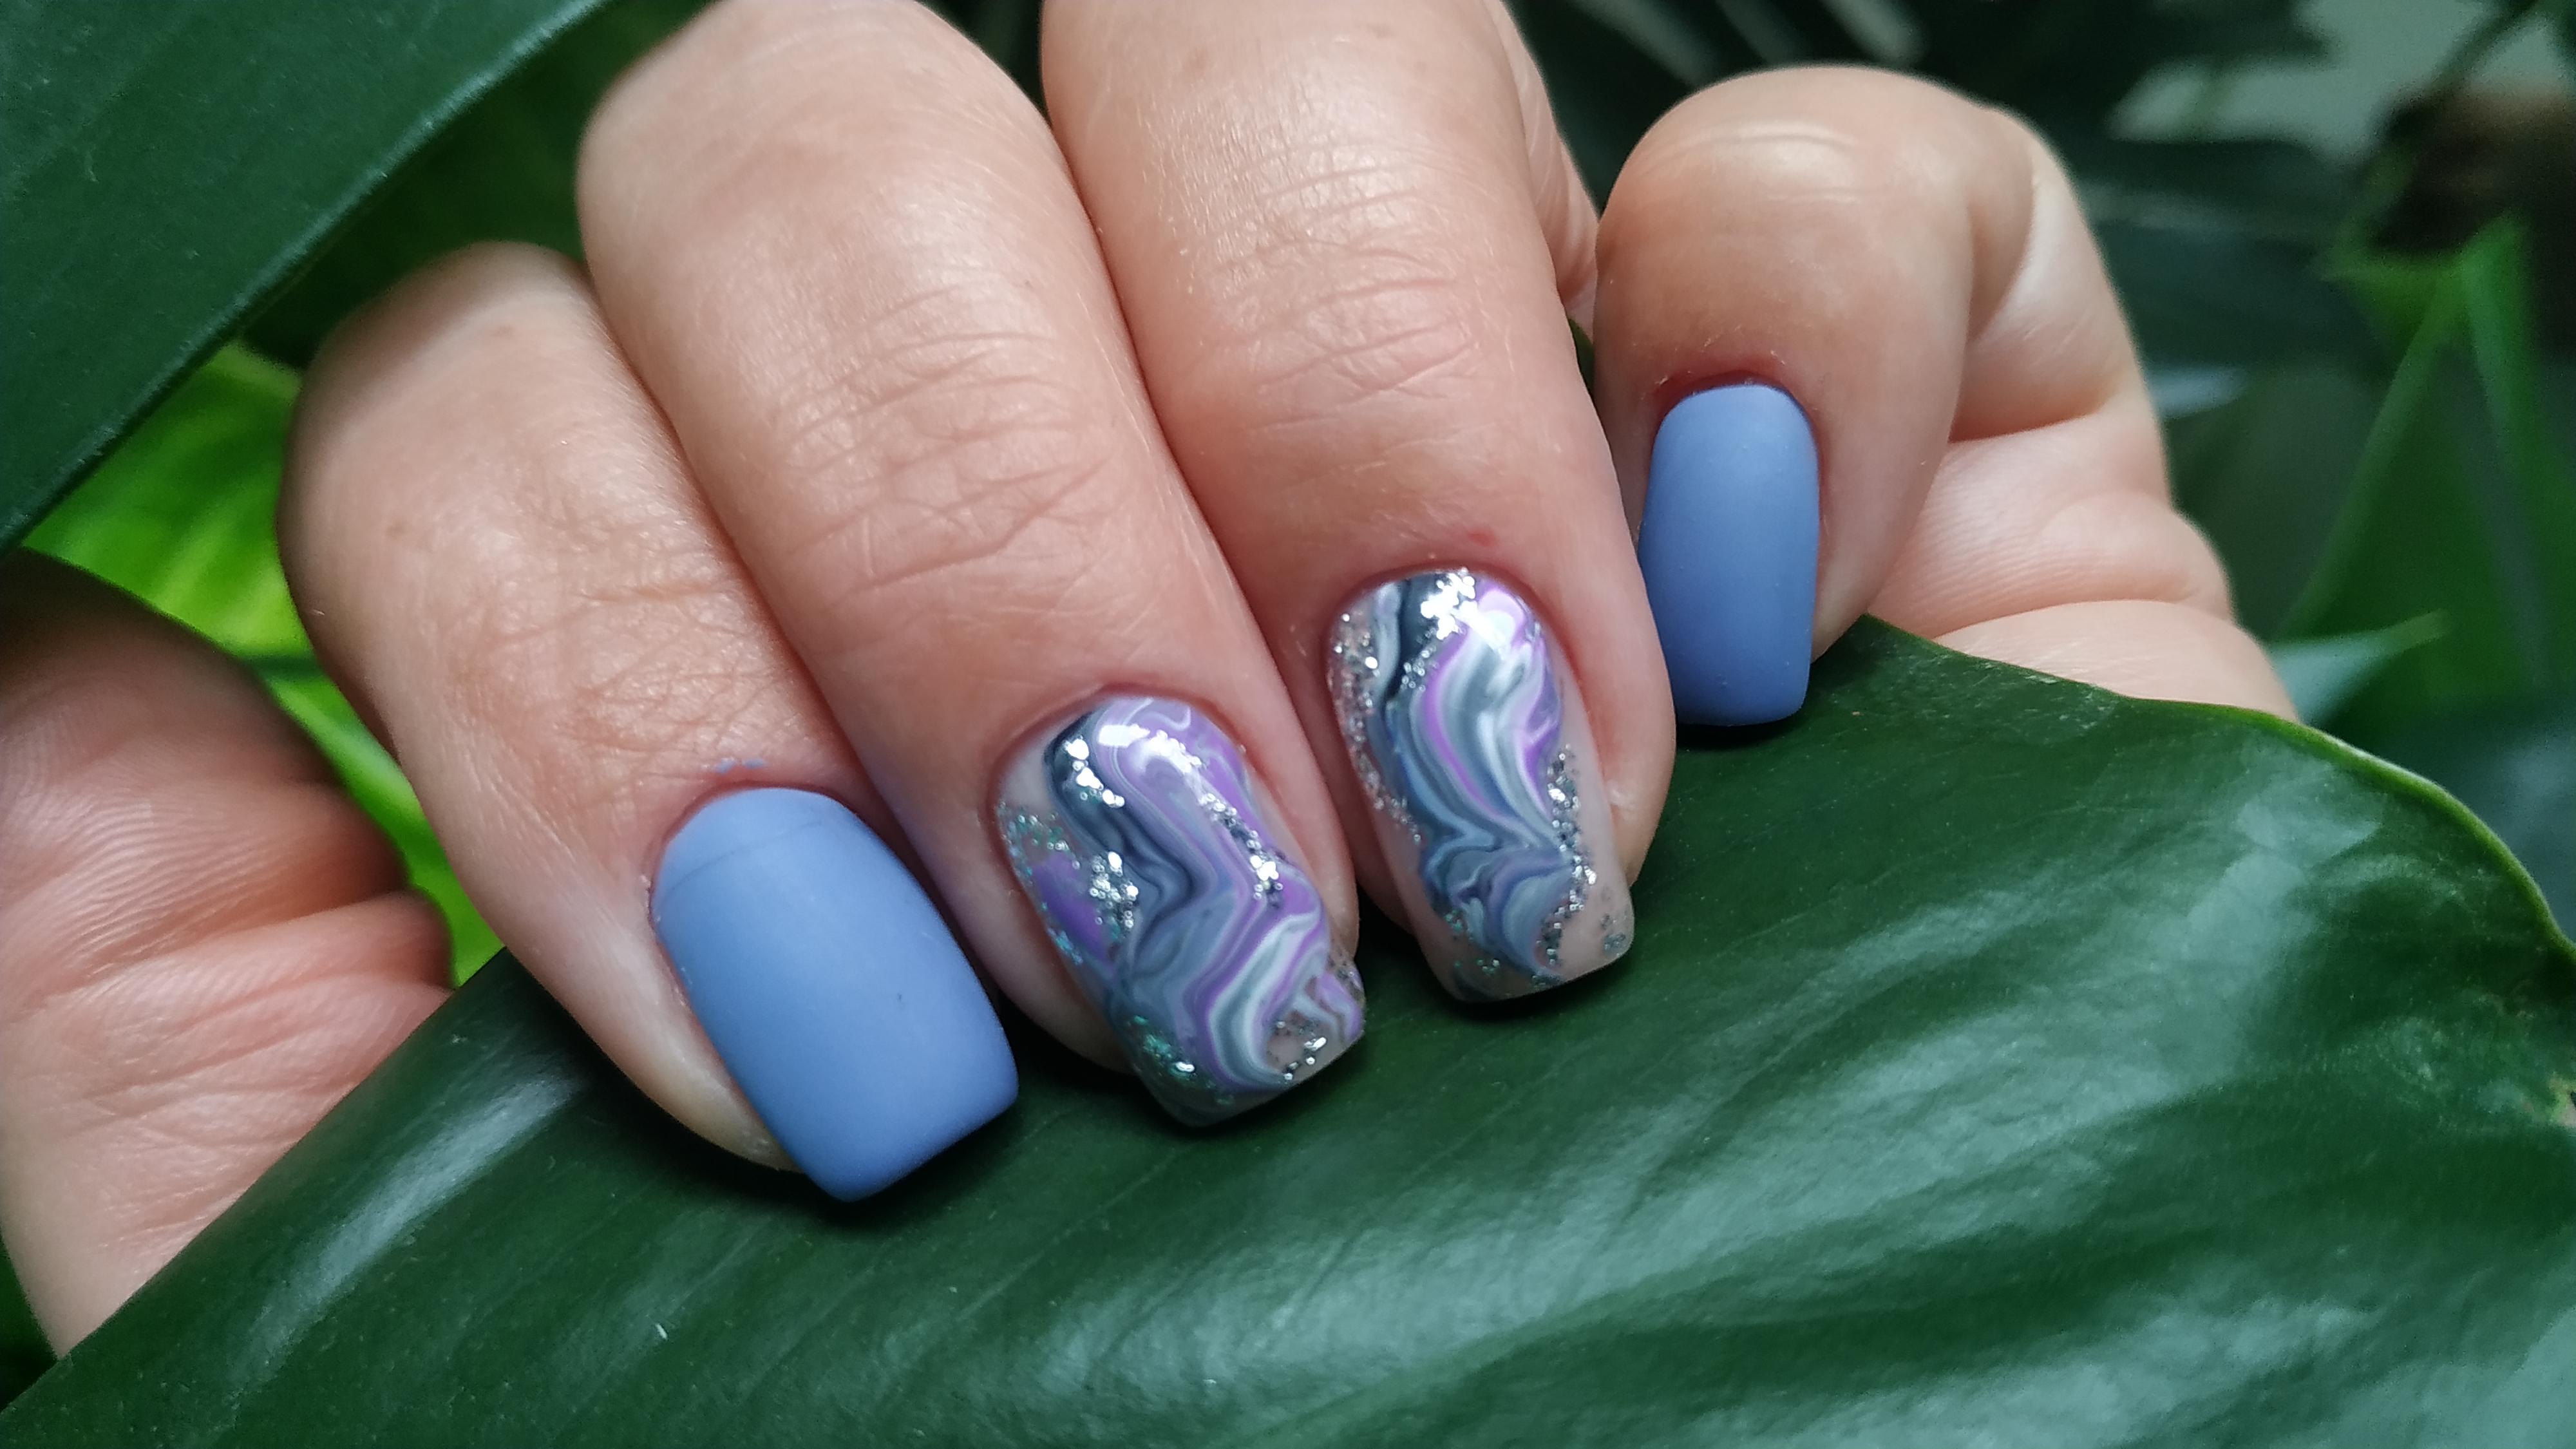 Матовый маникюр с абстрактным рисунком и блестками в голубом цвете на короткие ногти.